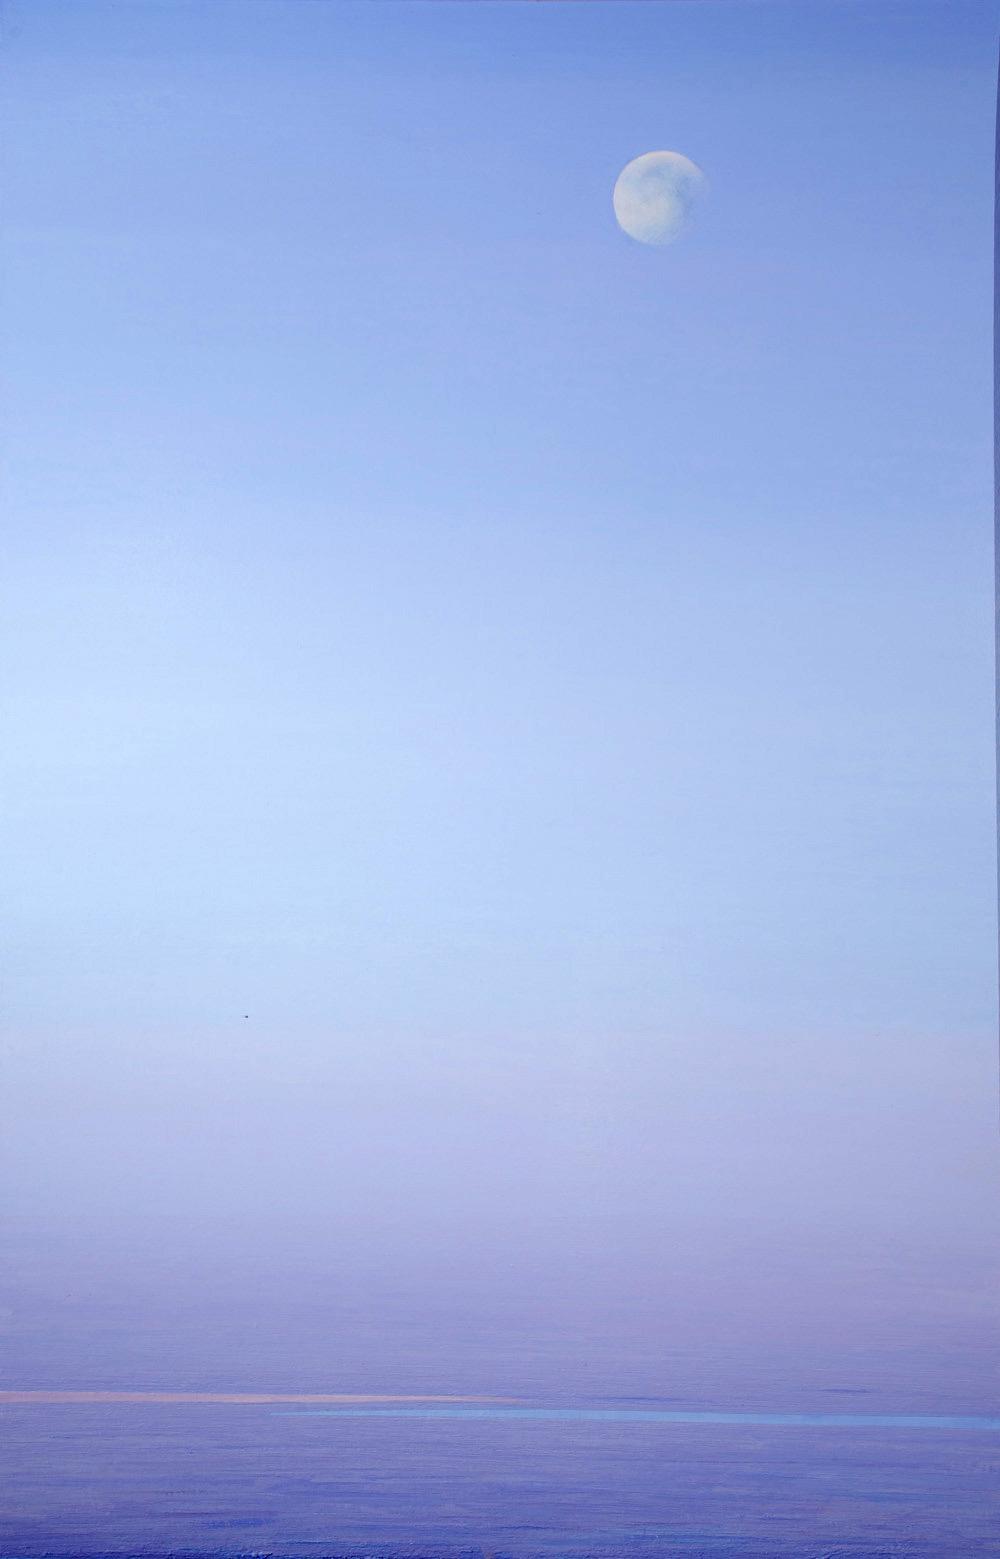 PIero-Guccione-Luna-mattutina-2009-2010-olio-su-tela-150x98-cm